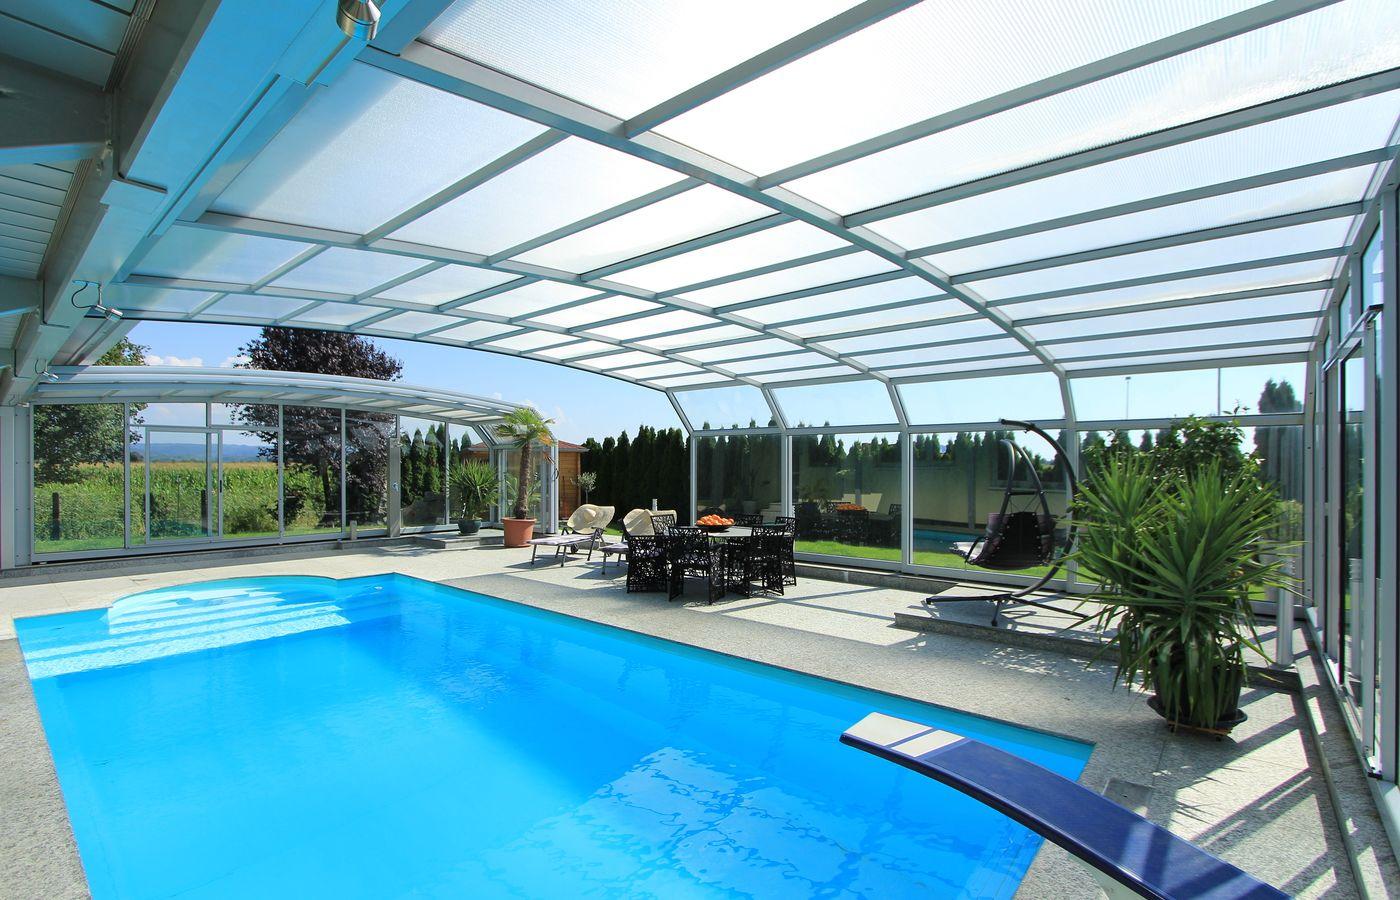 Mural cobertura de piscina alucoberalucober 019 alucober for Coberturas para piscinas